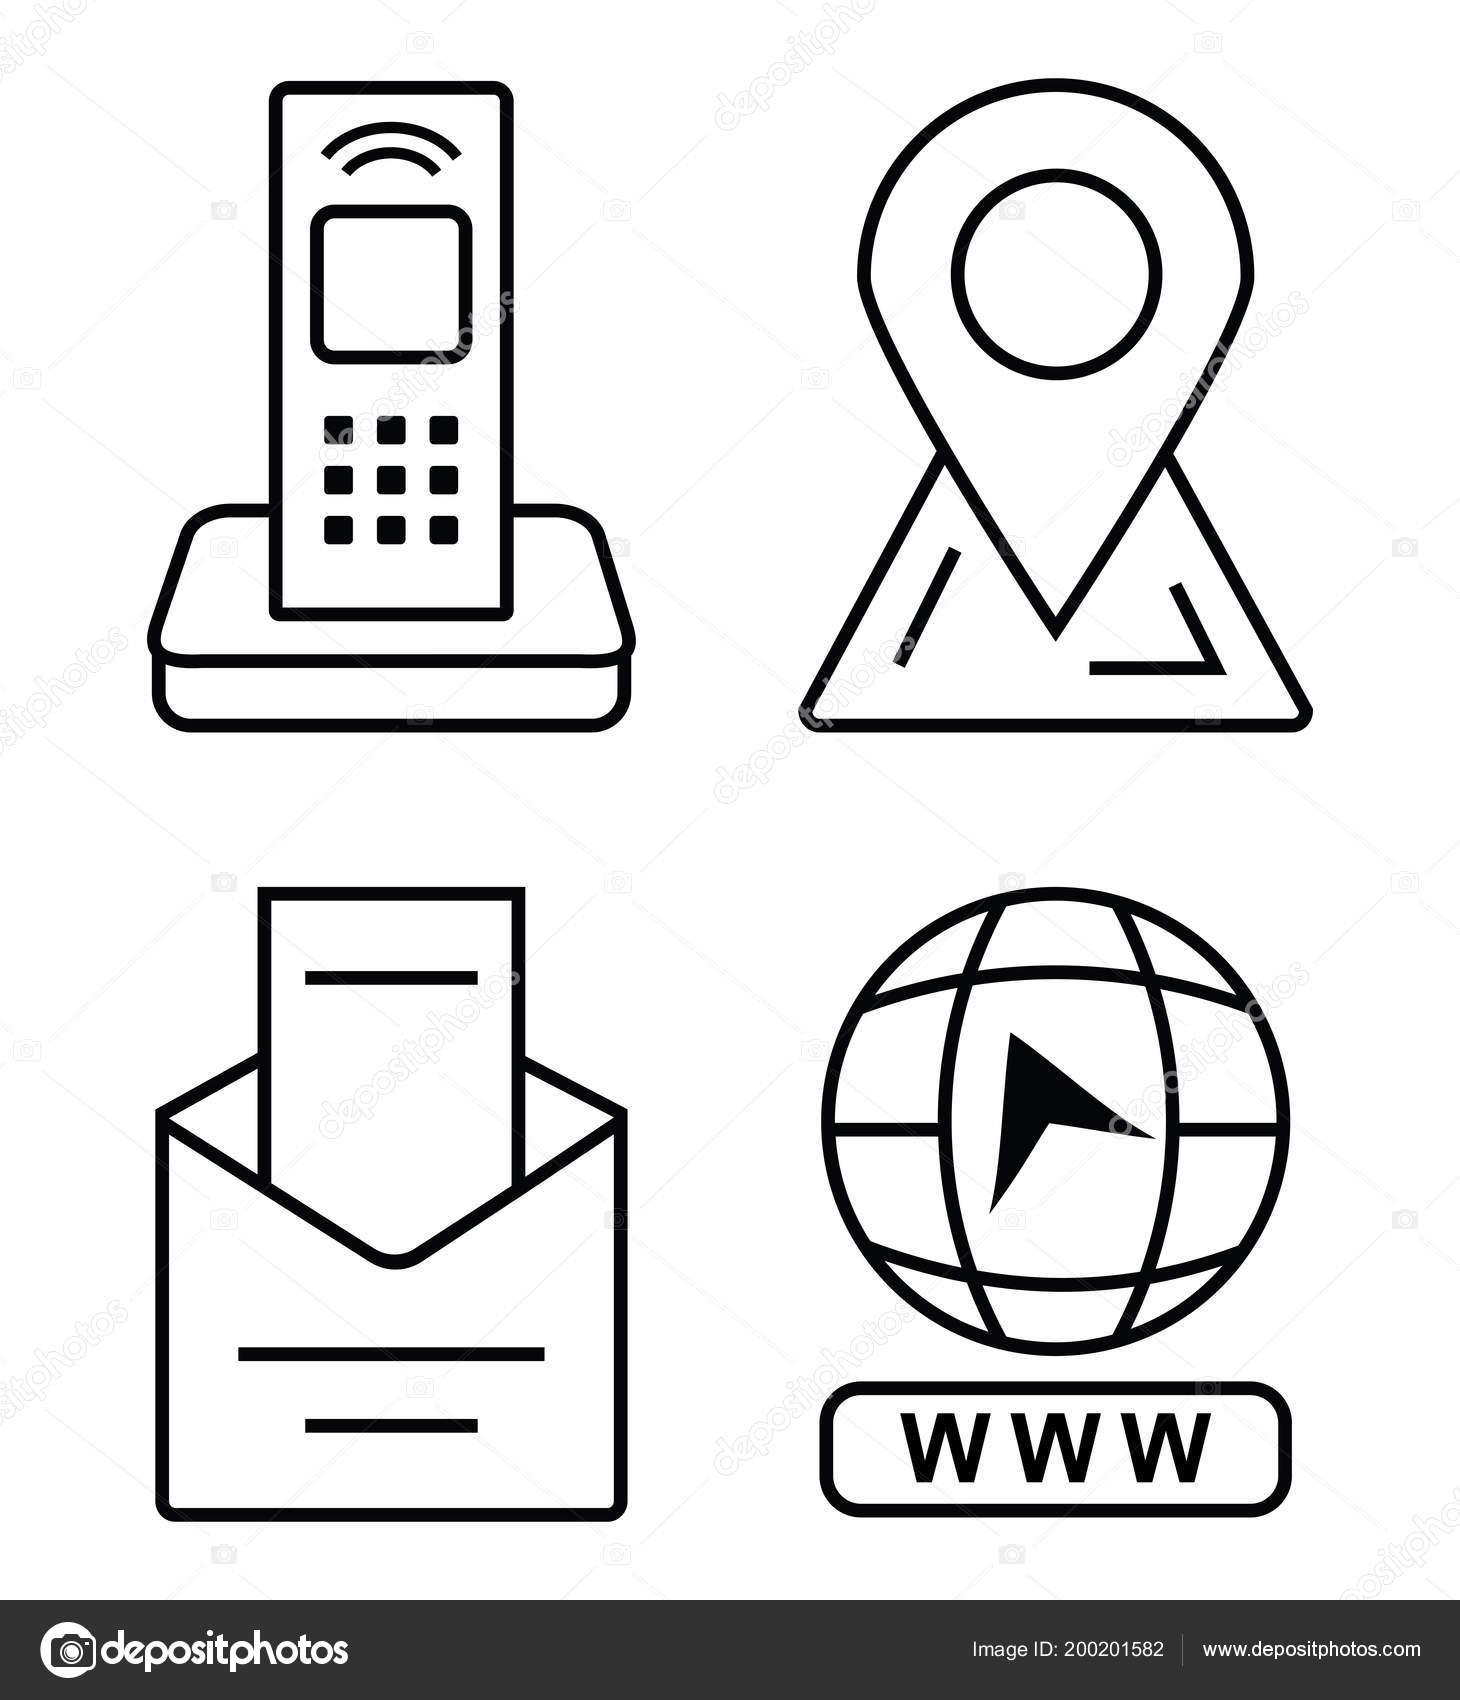 Icnes Minces Pour Carte De Visite Tlphone Bureau Marqueur Sur La Par Courriel Cliquez Acceder Au Site Lettre Dans Lenveloppe